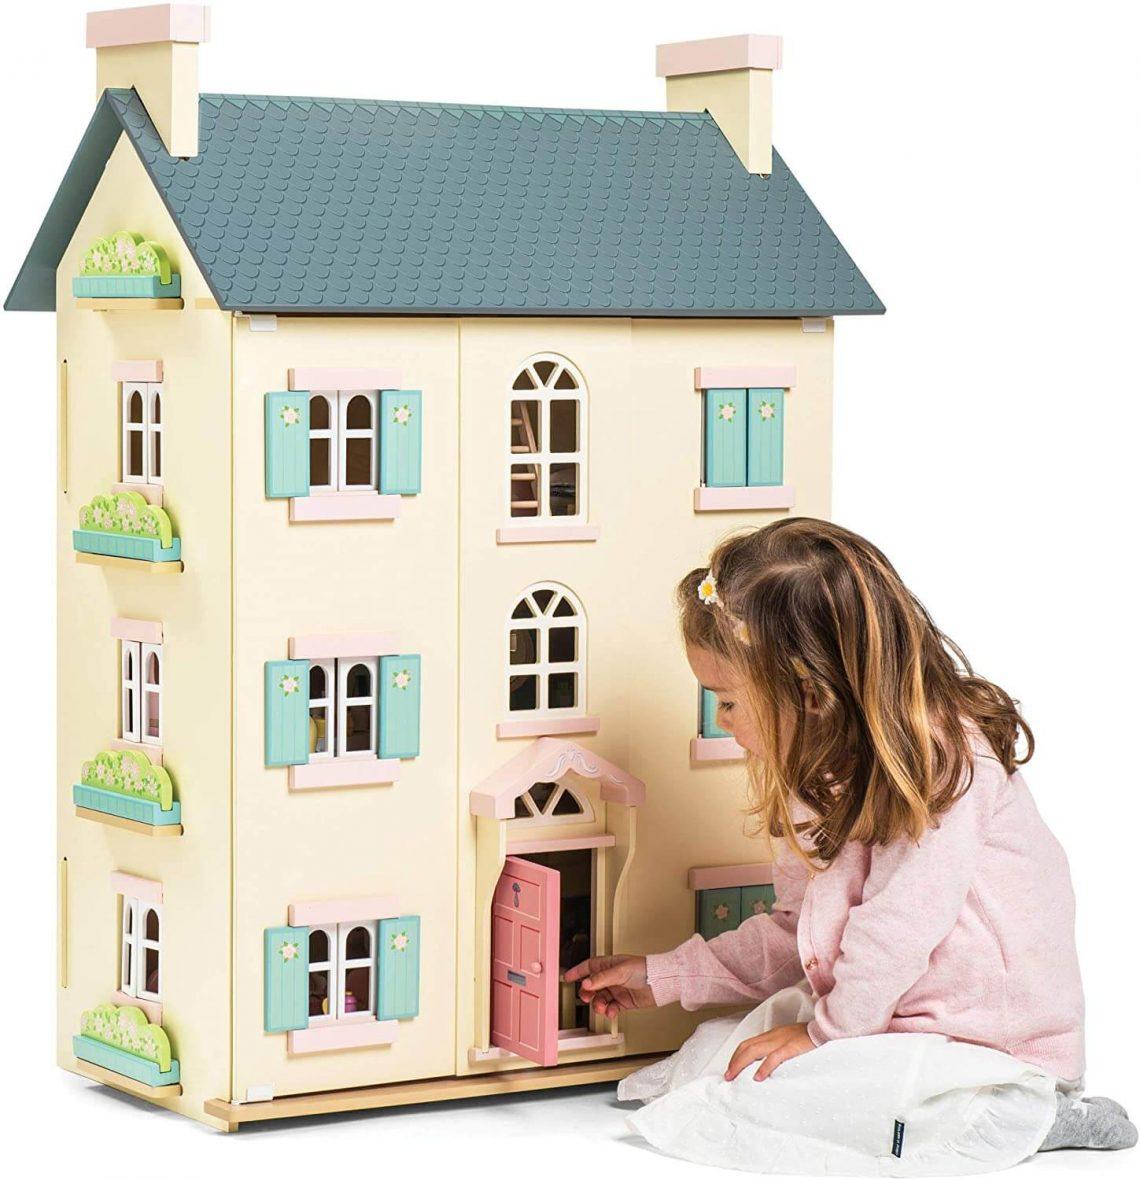 """La Maison de poupée en bois """"Cherry Tree Hall"""" de Le Toy Van, un jouet magnifique et de très grande qualité."""